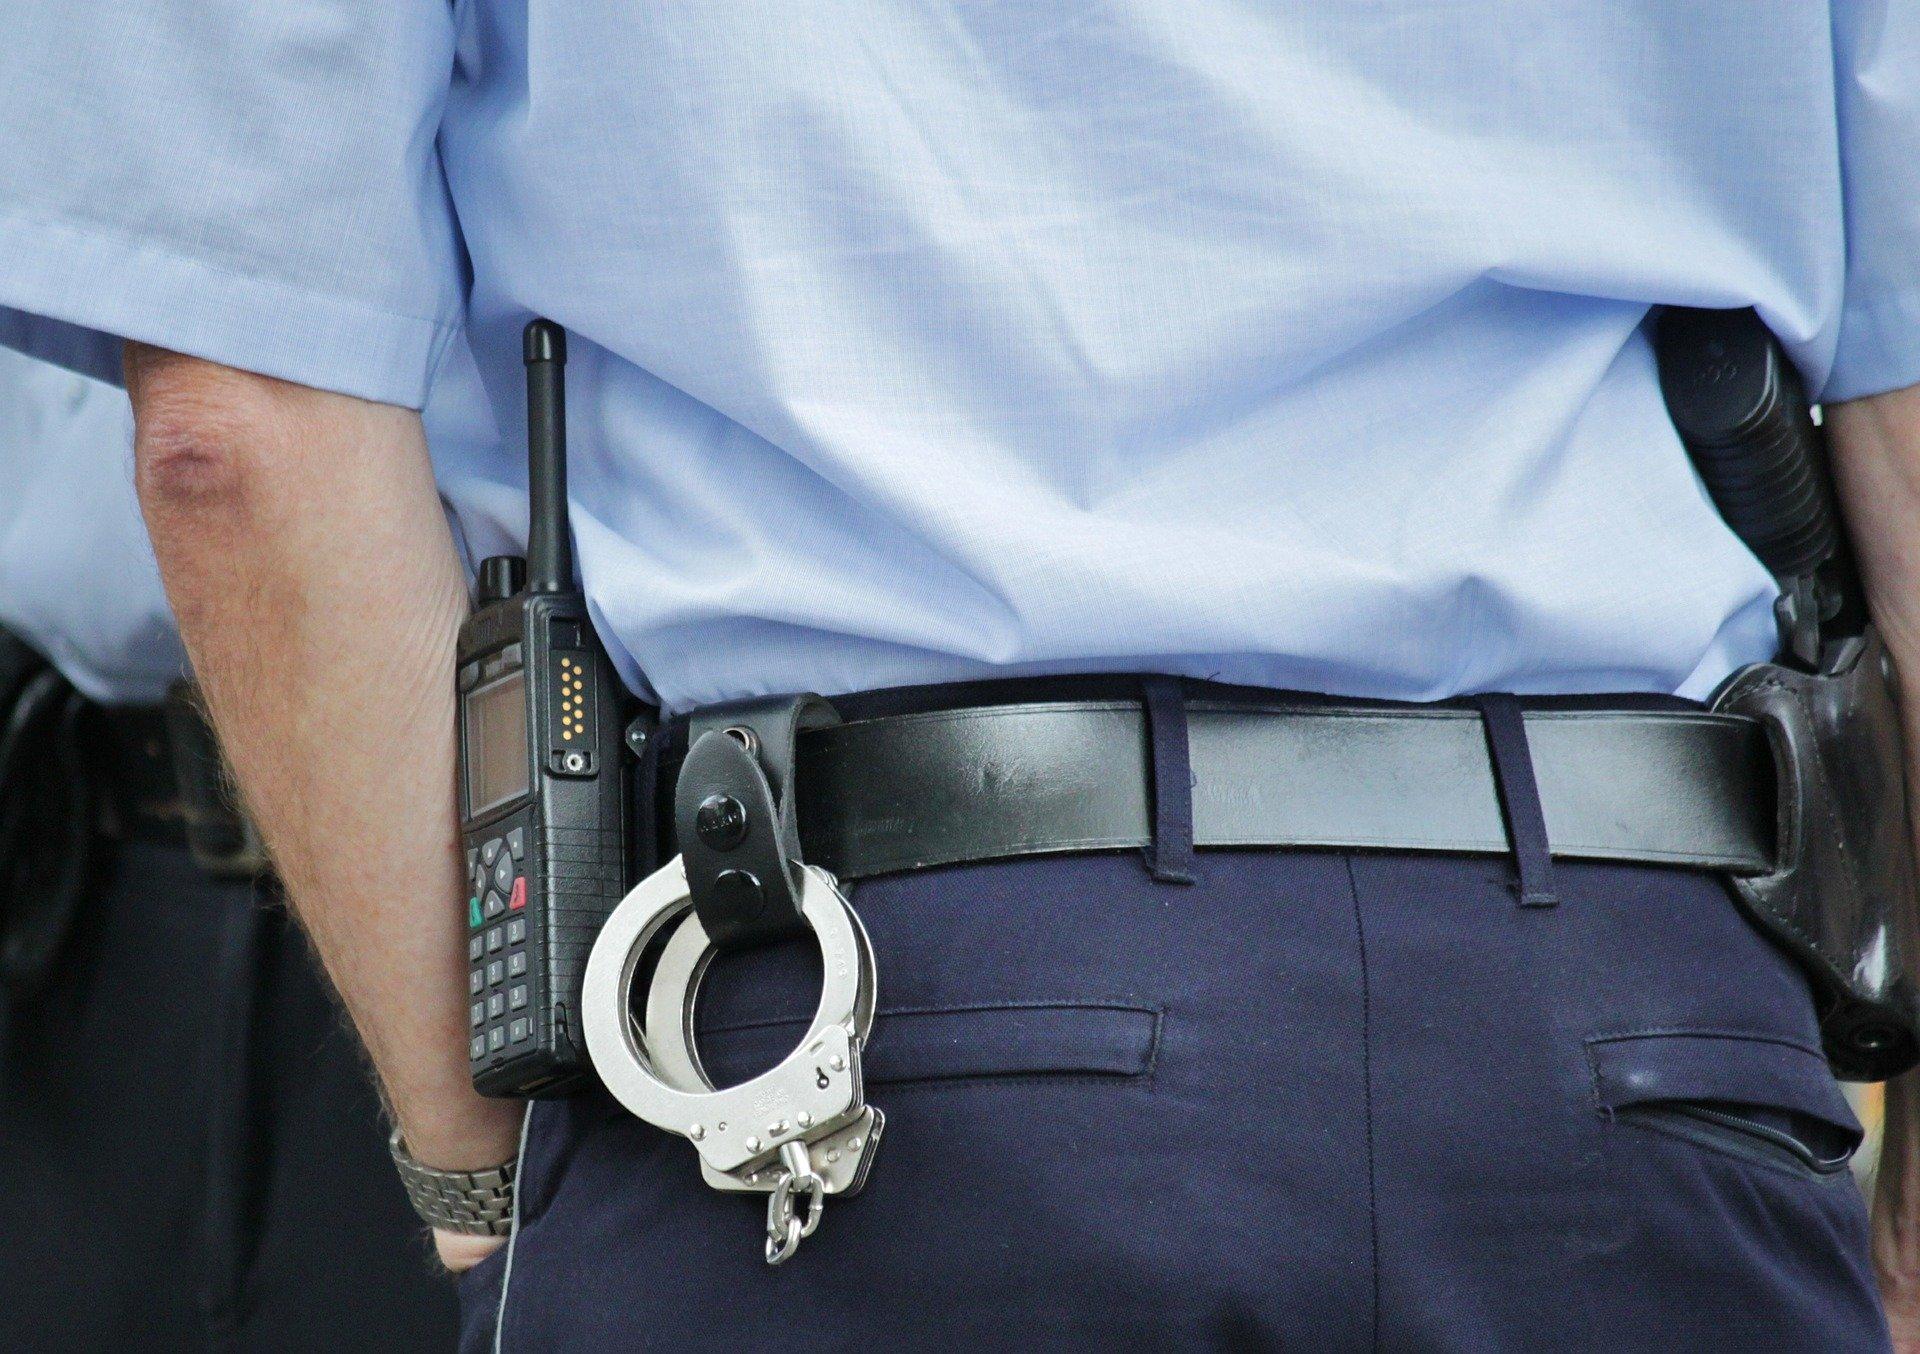 """Warum hocken sich Polizeibeamte bei der Festnahme auf den """"Täter"""" drauf?"""